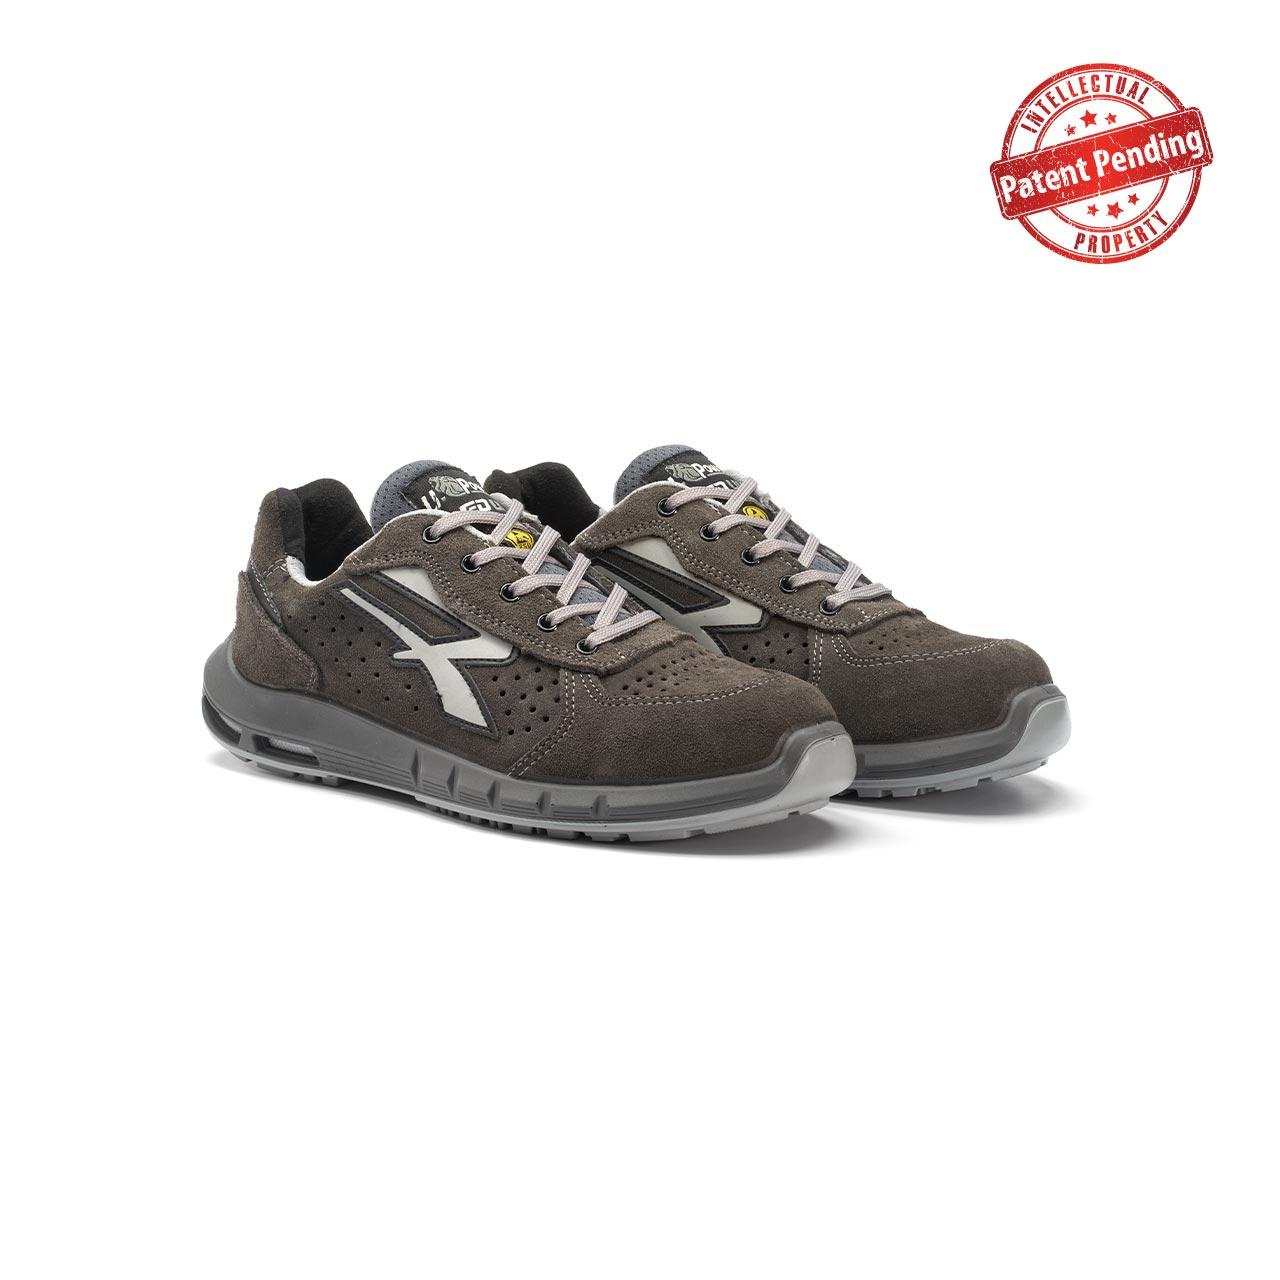 paio di scarpe antinfortunistiche upower modello rigel plus linea redup plus vista prospettica